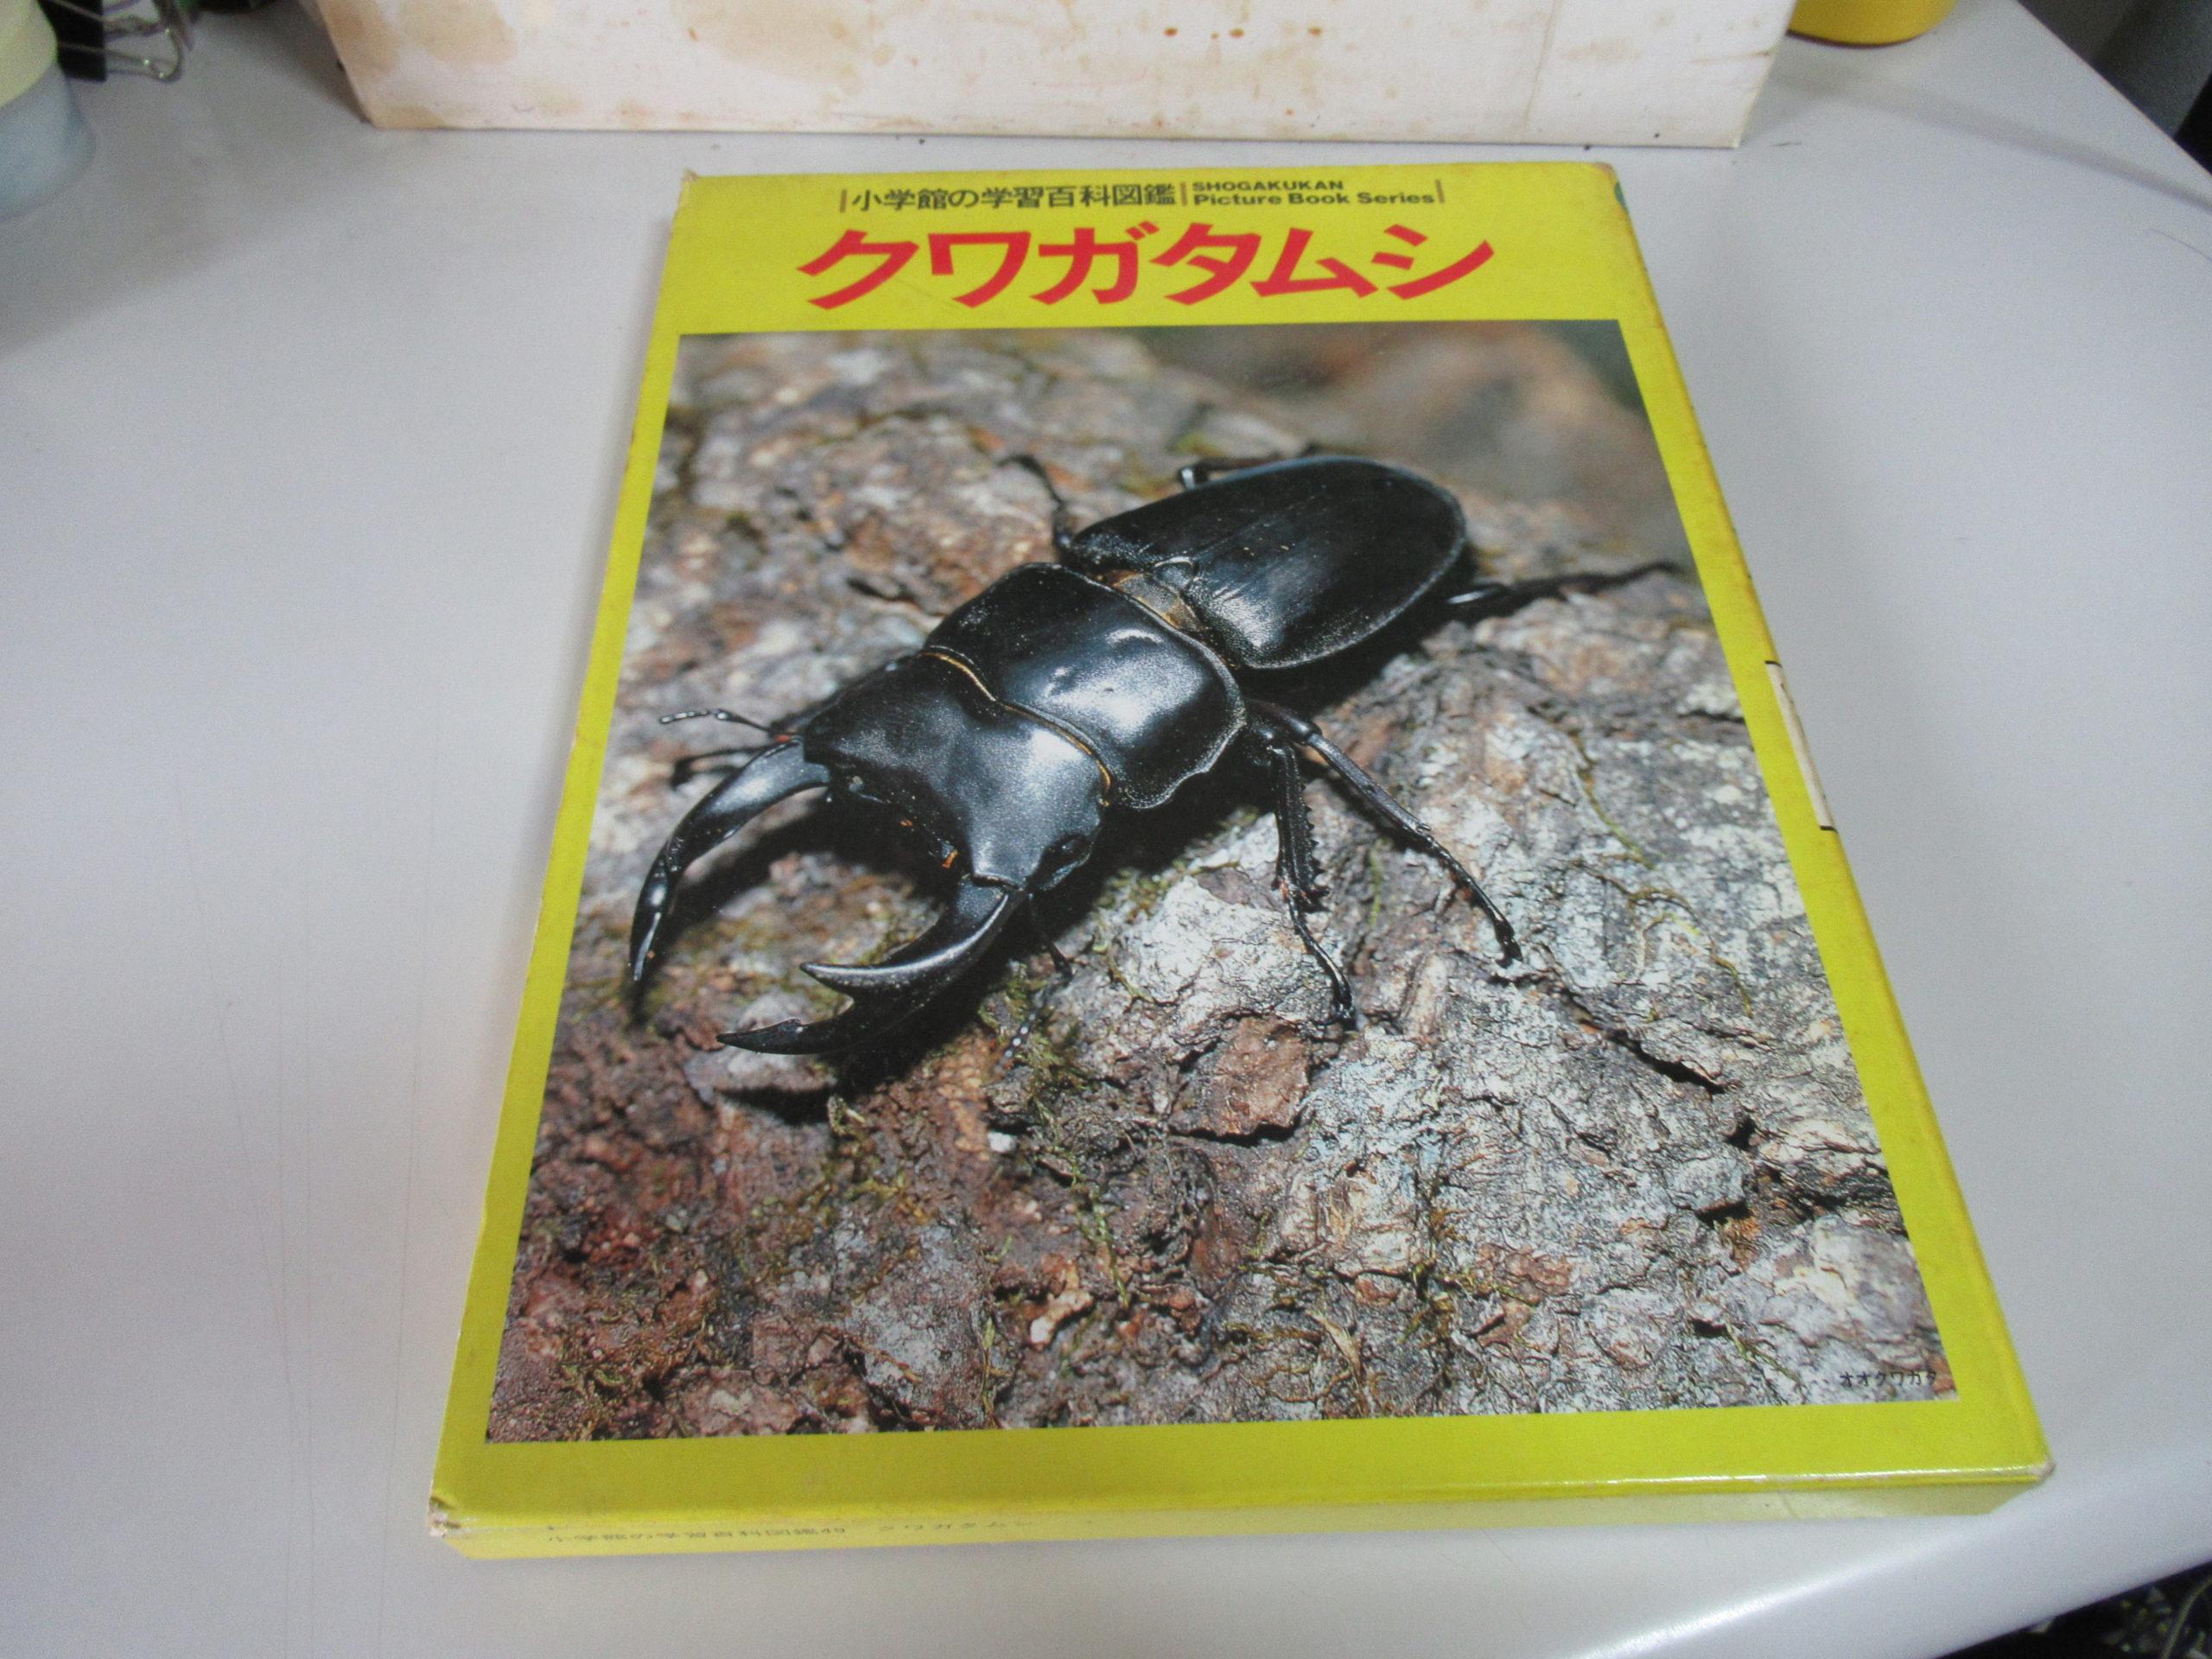 昆虫採集に必要なこととは?私がオオクワガタを採れない理由